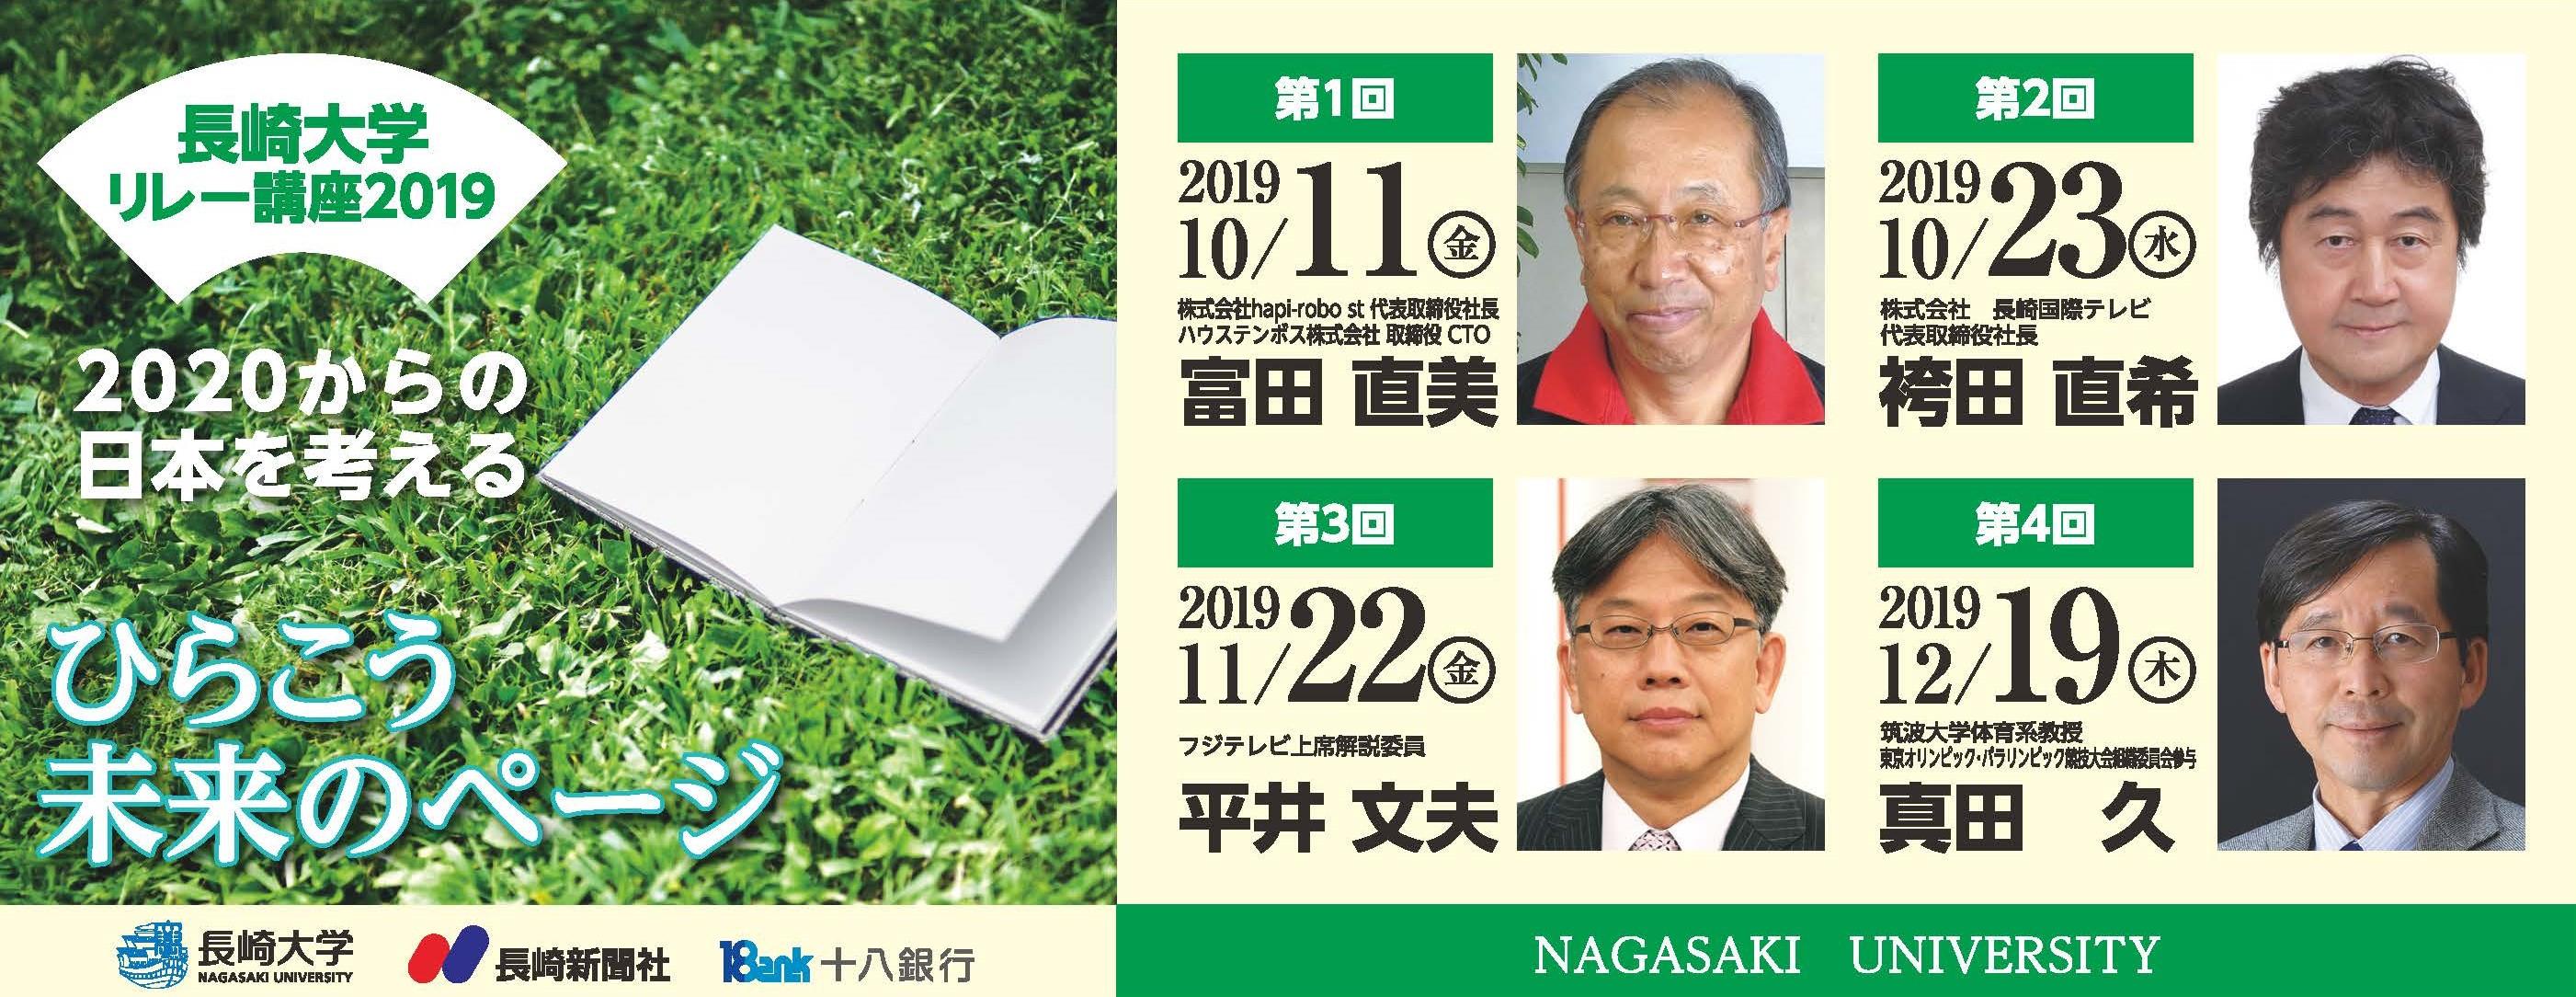 リレー講座2019バナー改定版